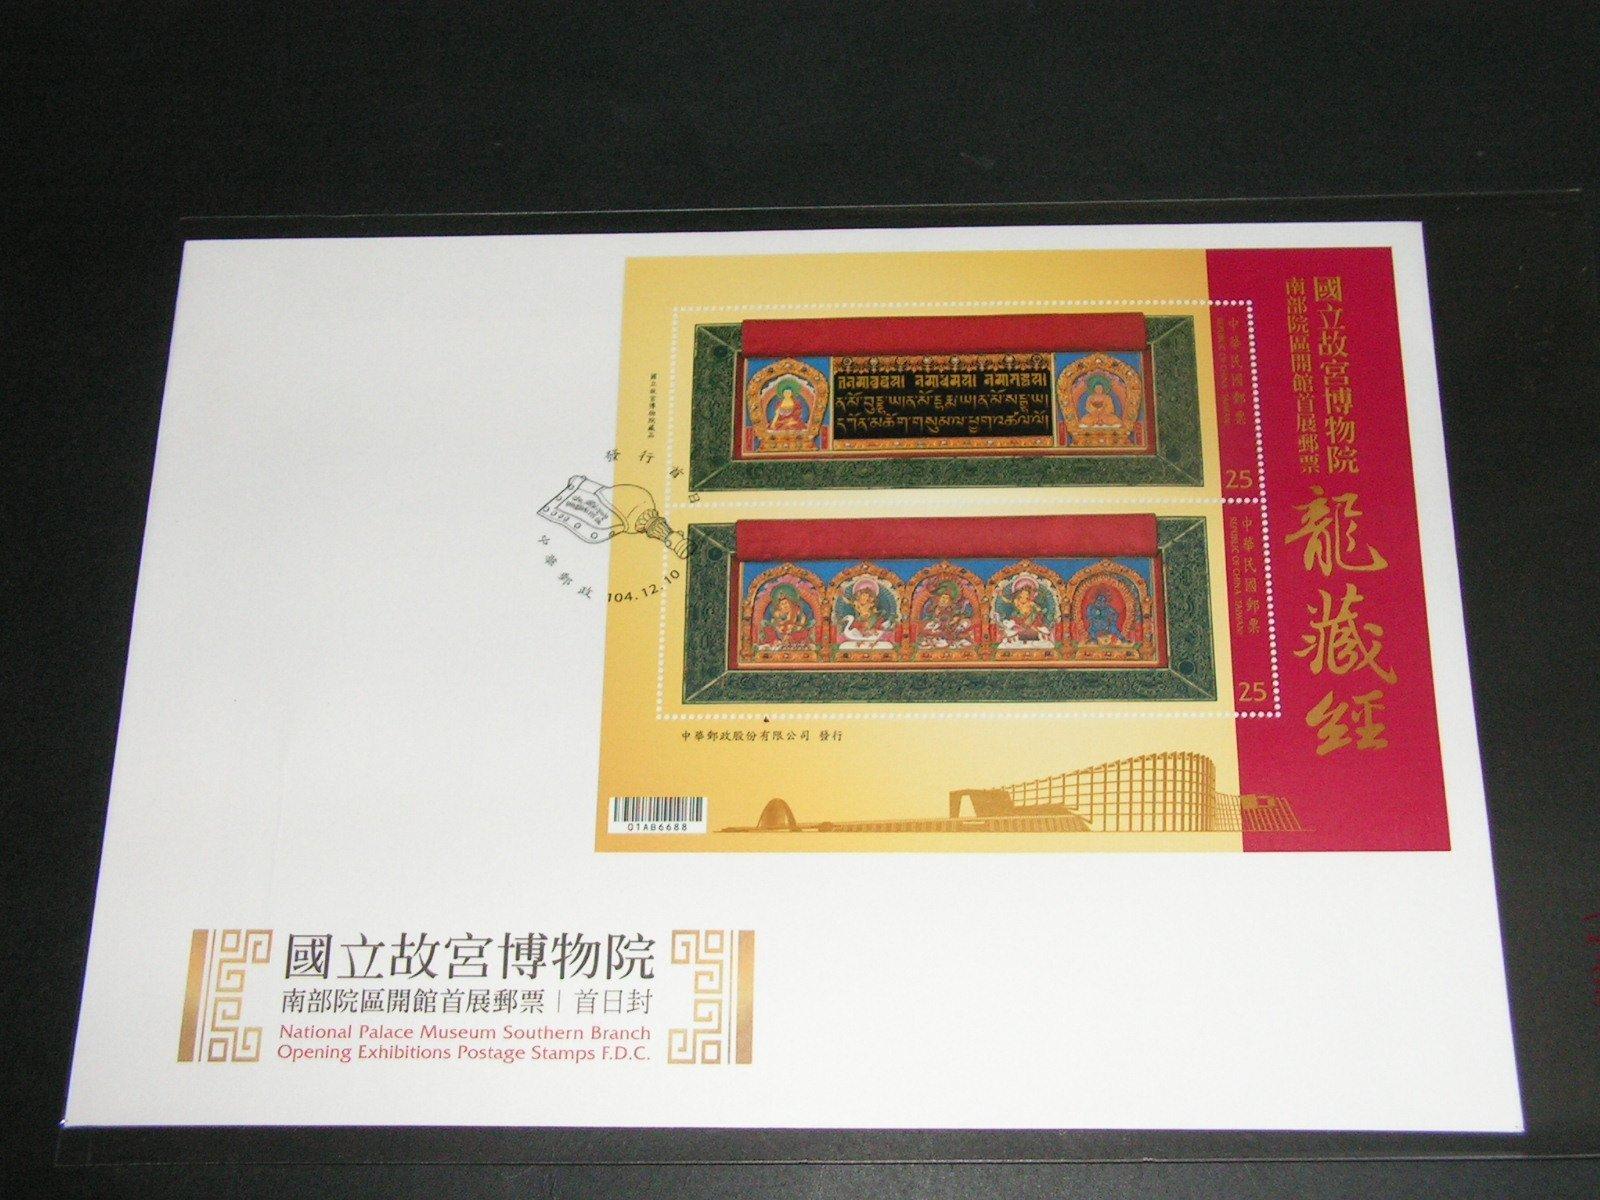 【愛郵者】〈首日封〉小全張封 104年 故宮博物院 南部院區-龍藏經 大型封 / 特632(專632) C104-21M